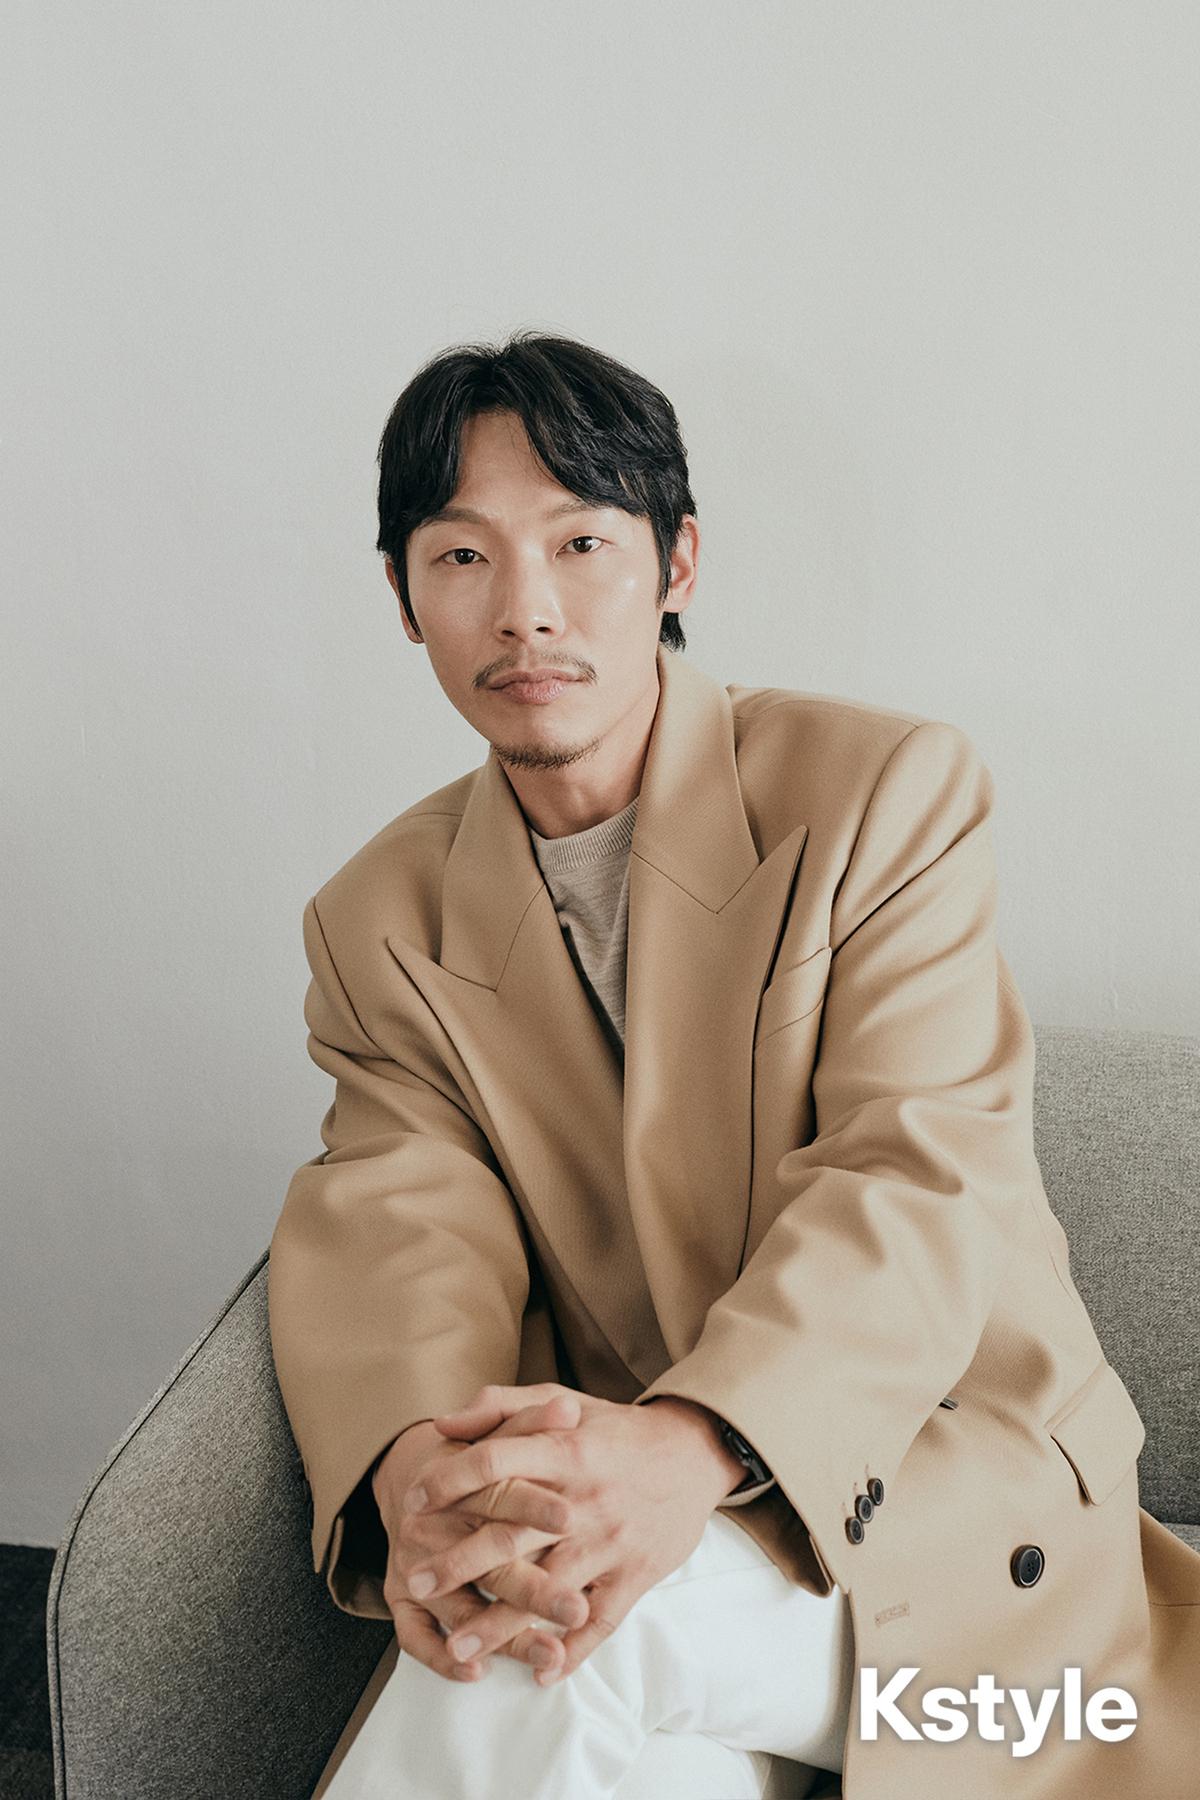 ウォン ヤン ギョン